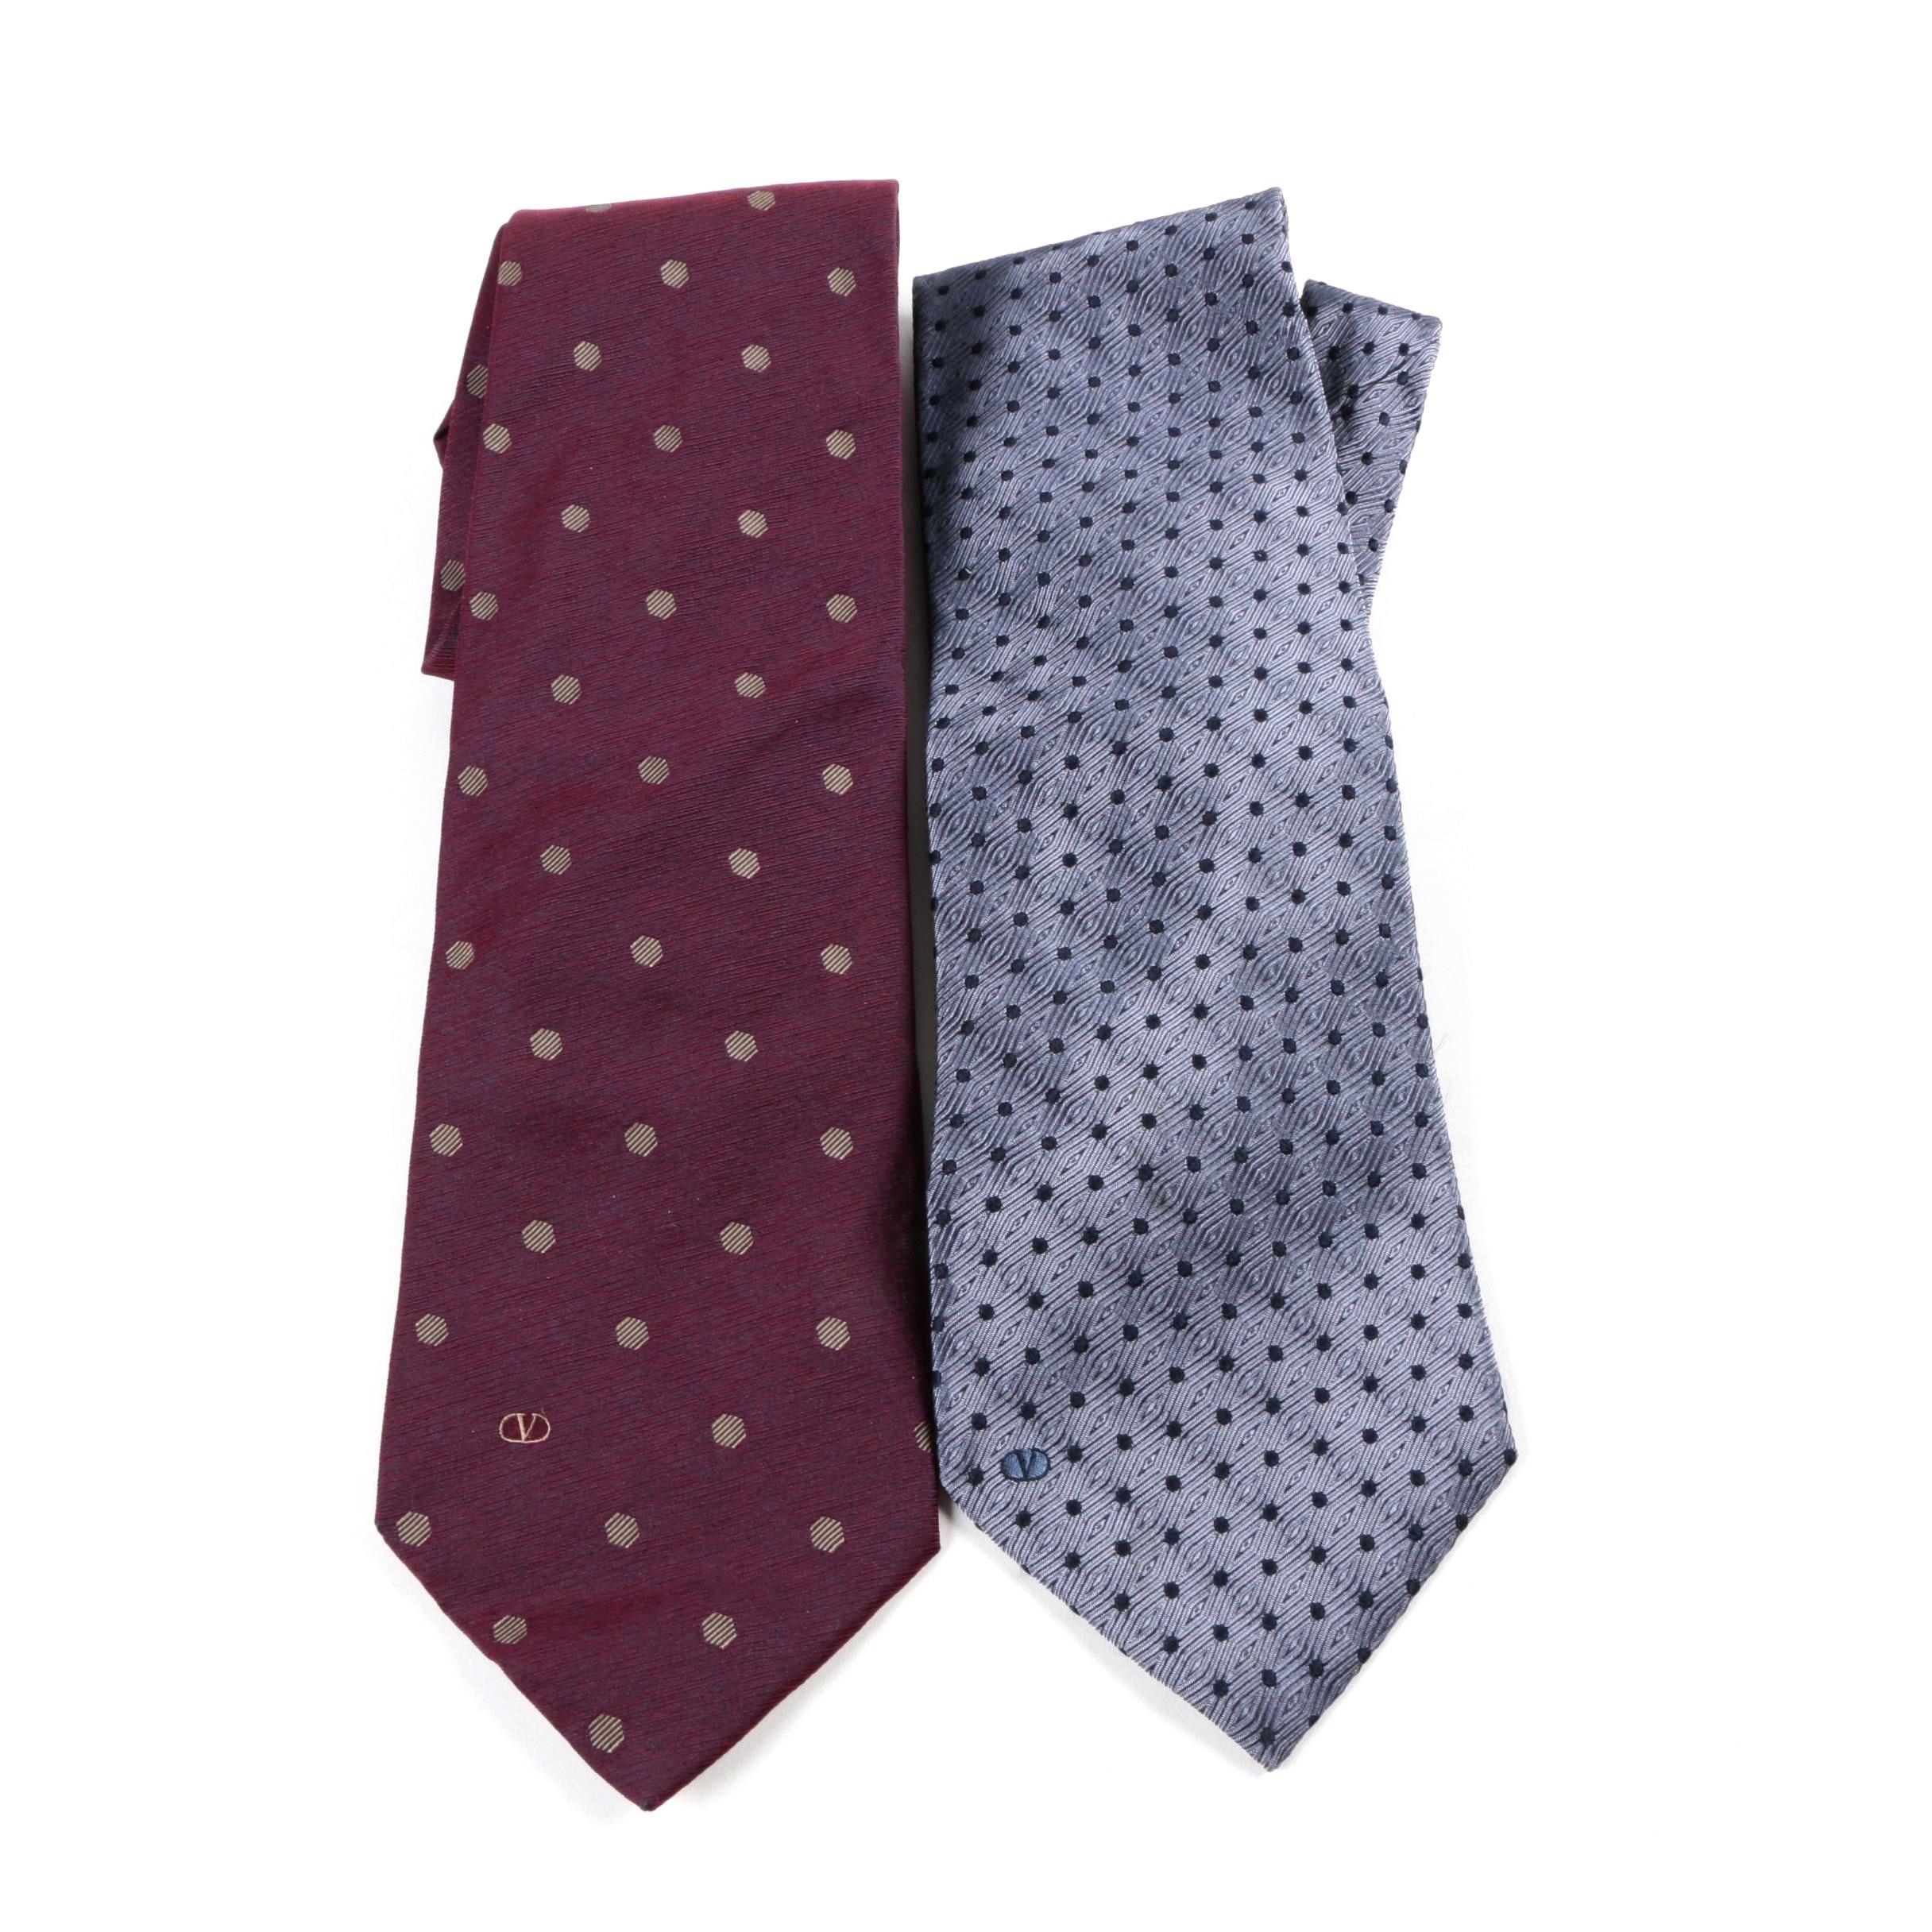 Valentino Silk Ties